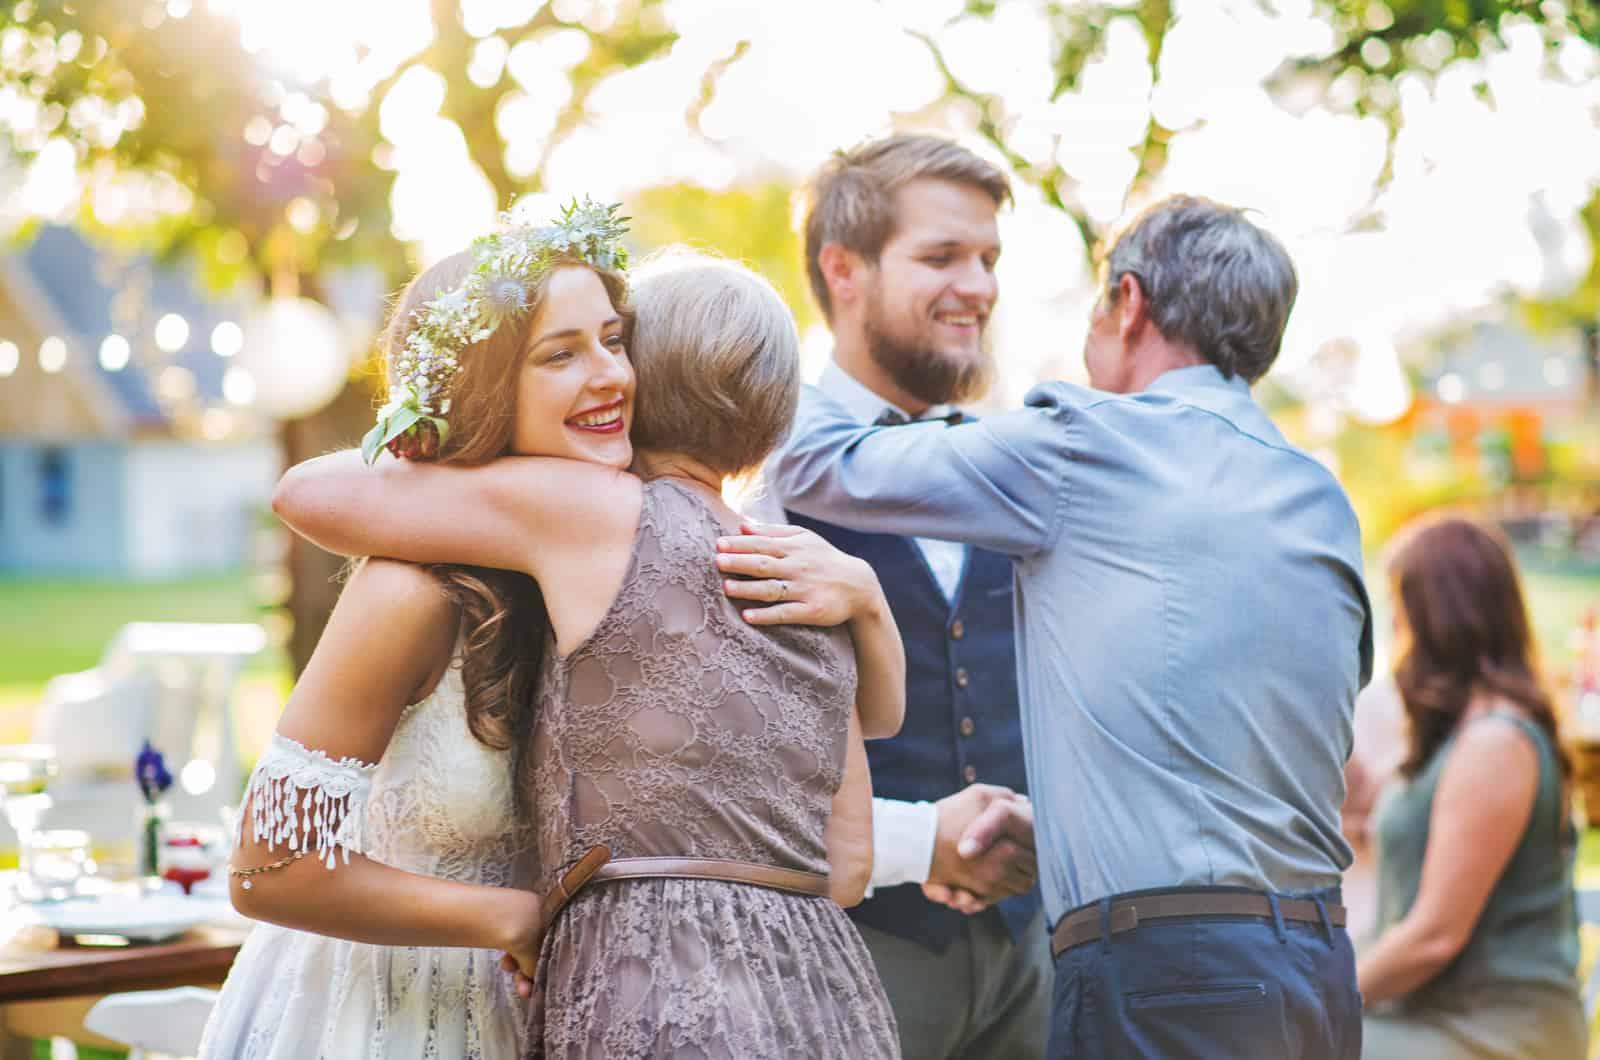 Familie gratuliert dem Hochzeitspaar